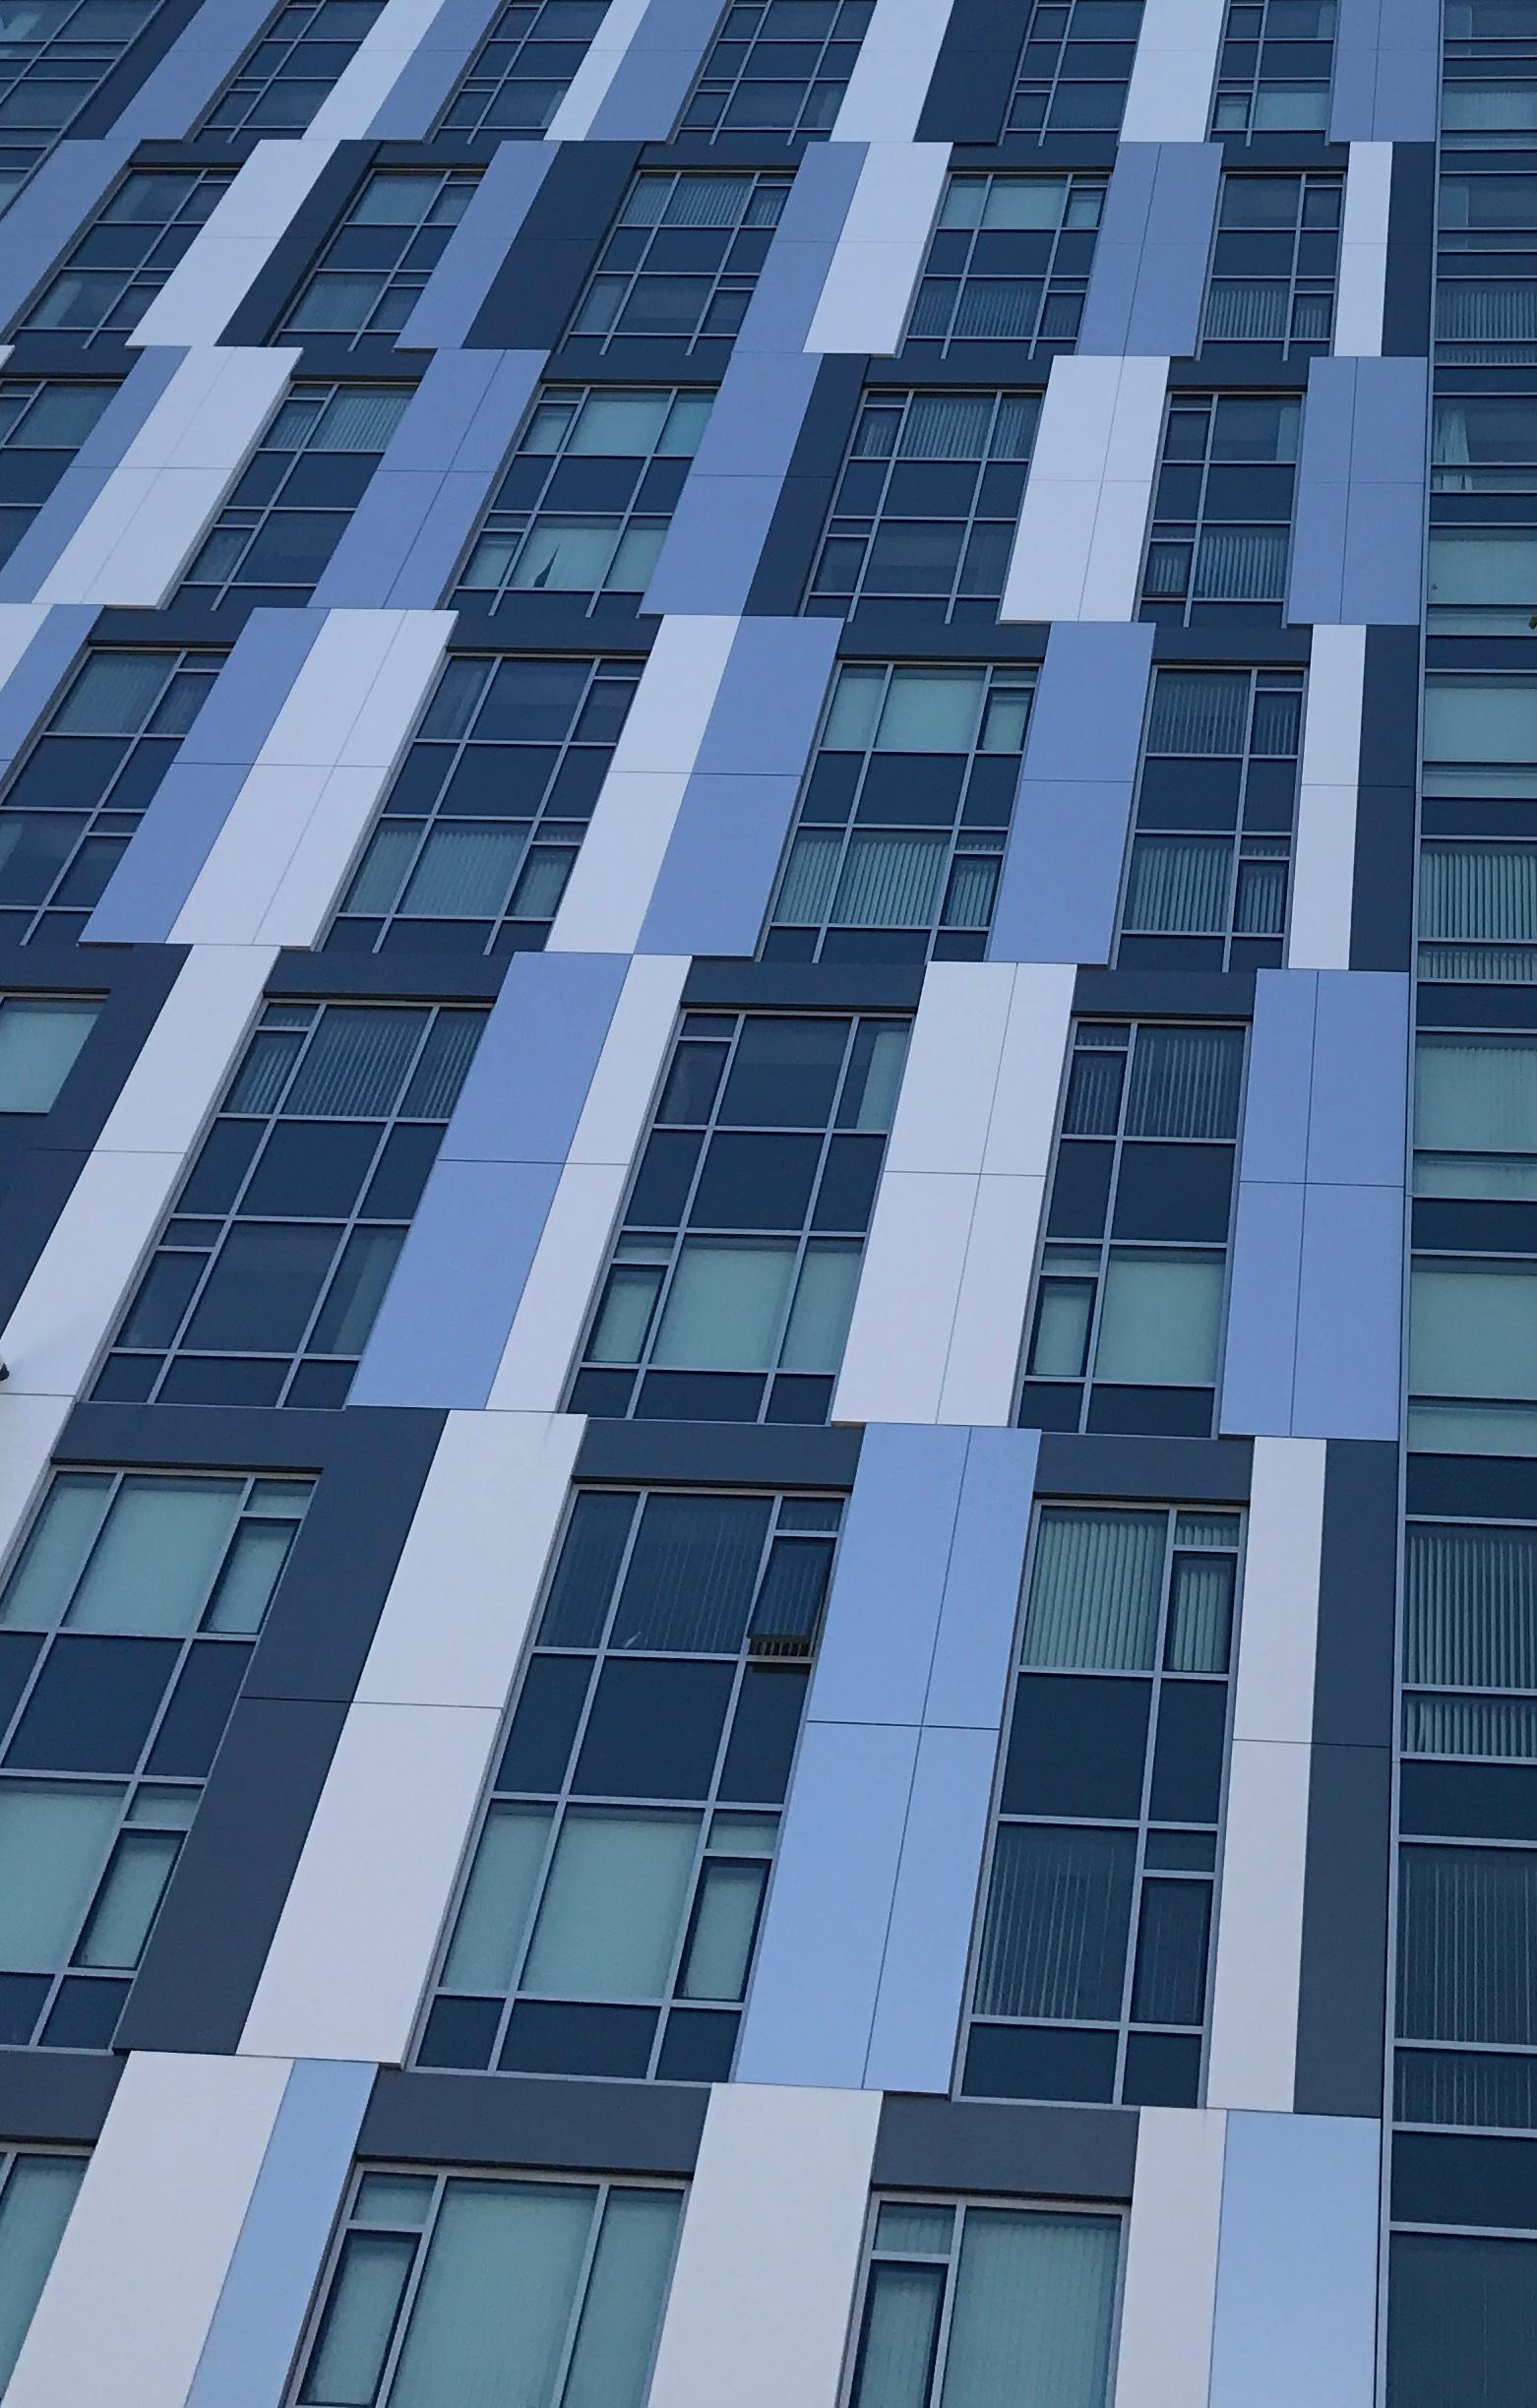 Architecture04-original.JPG